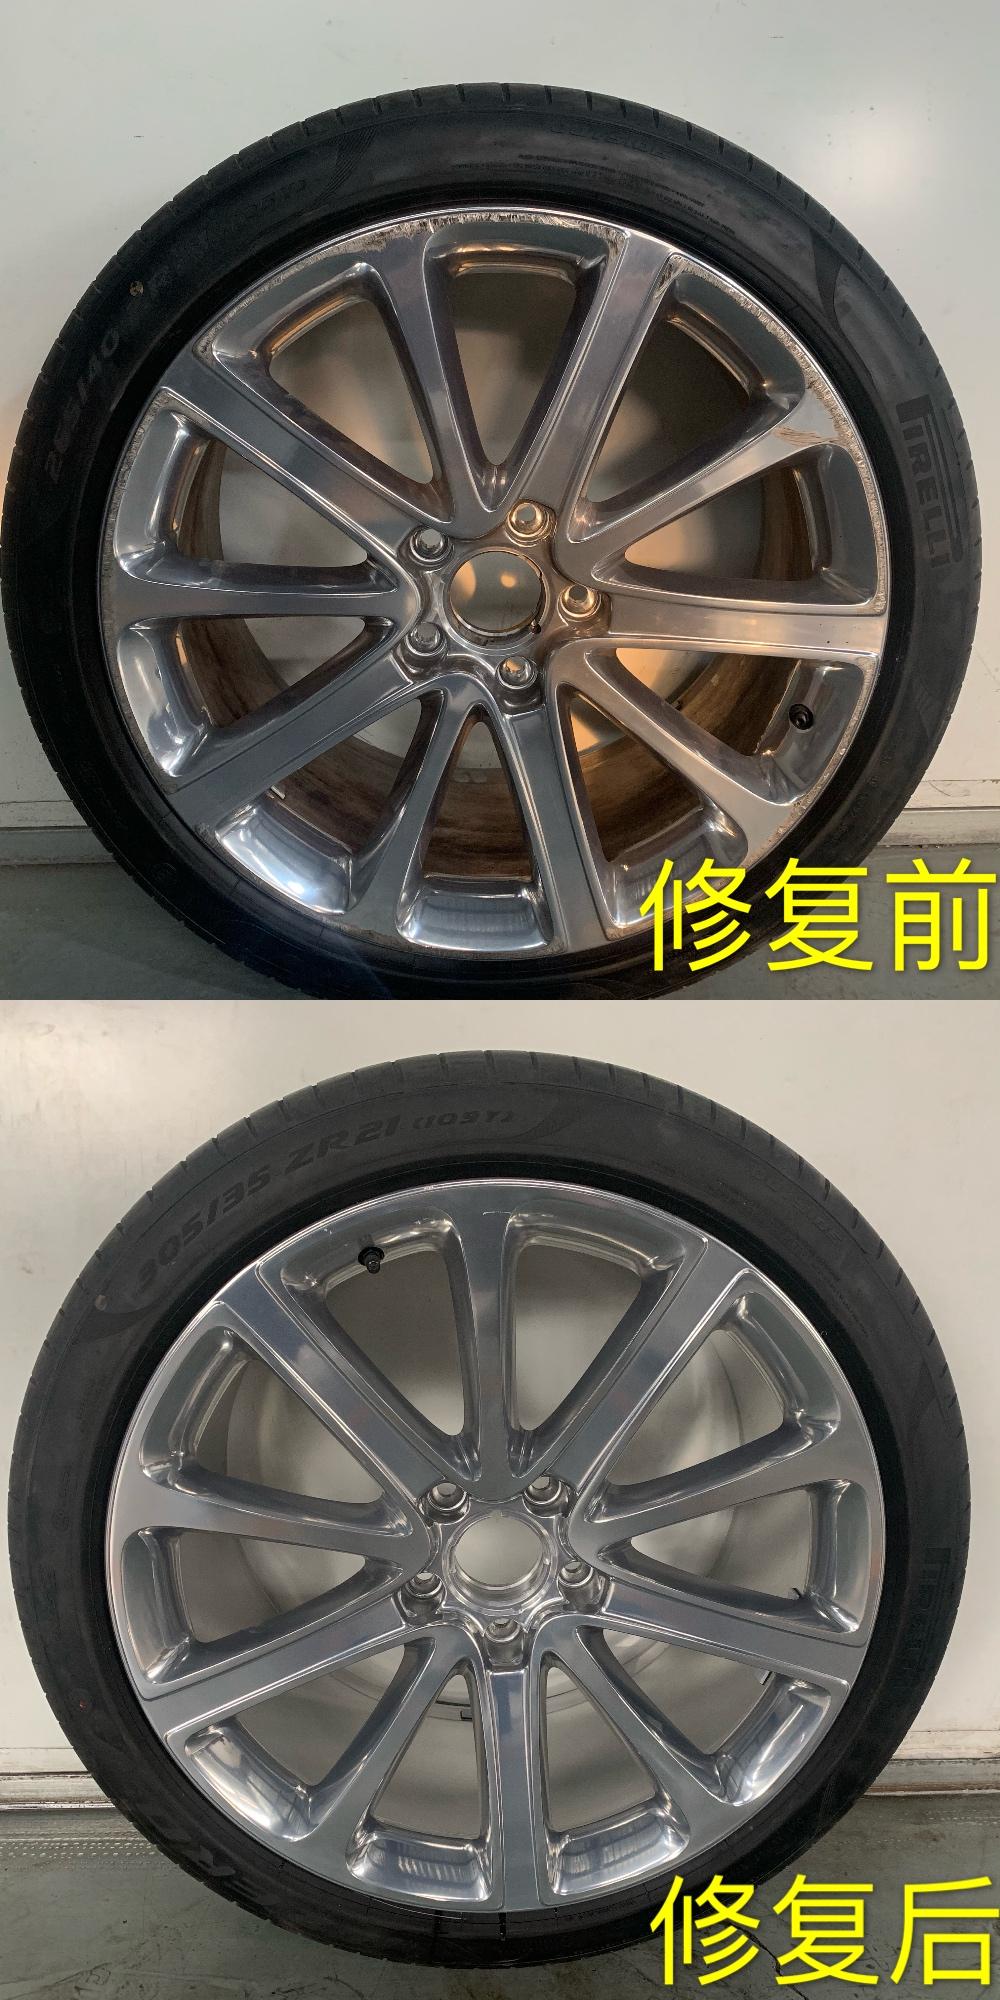 轮毂变形修复